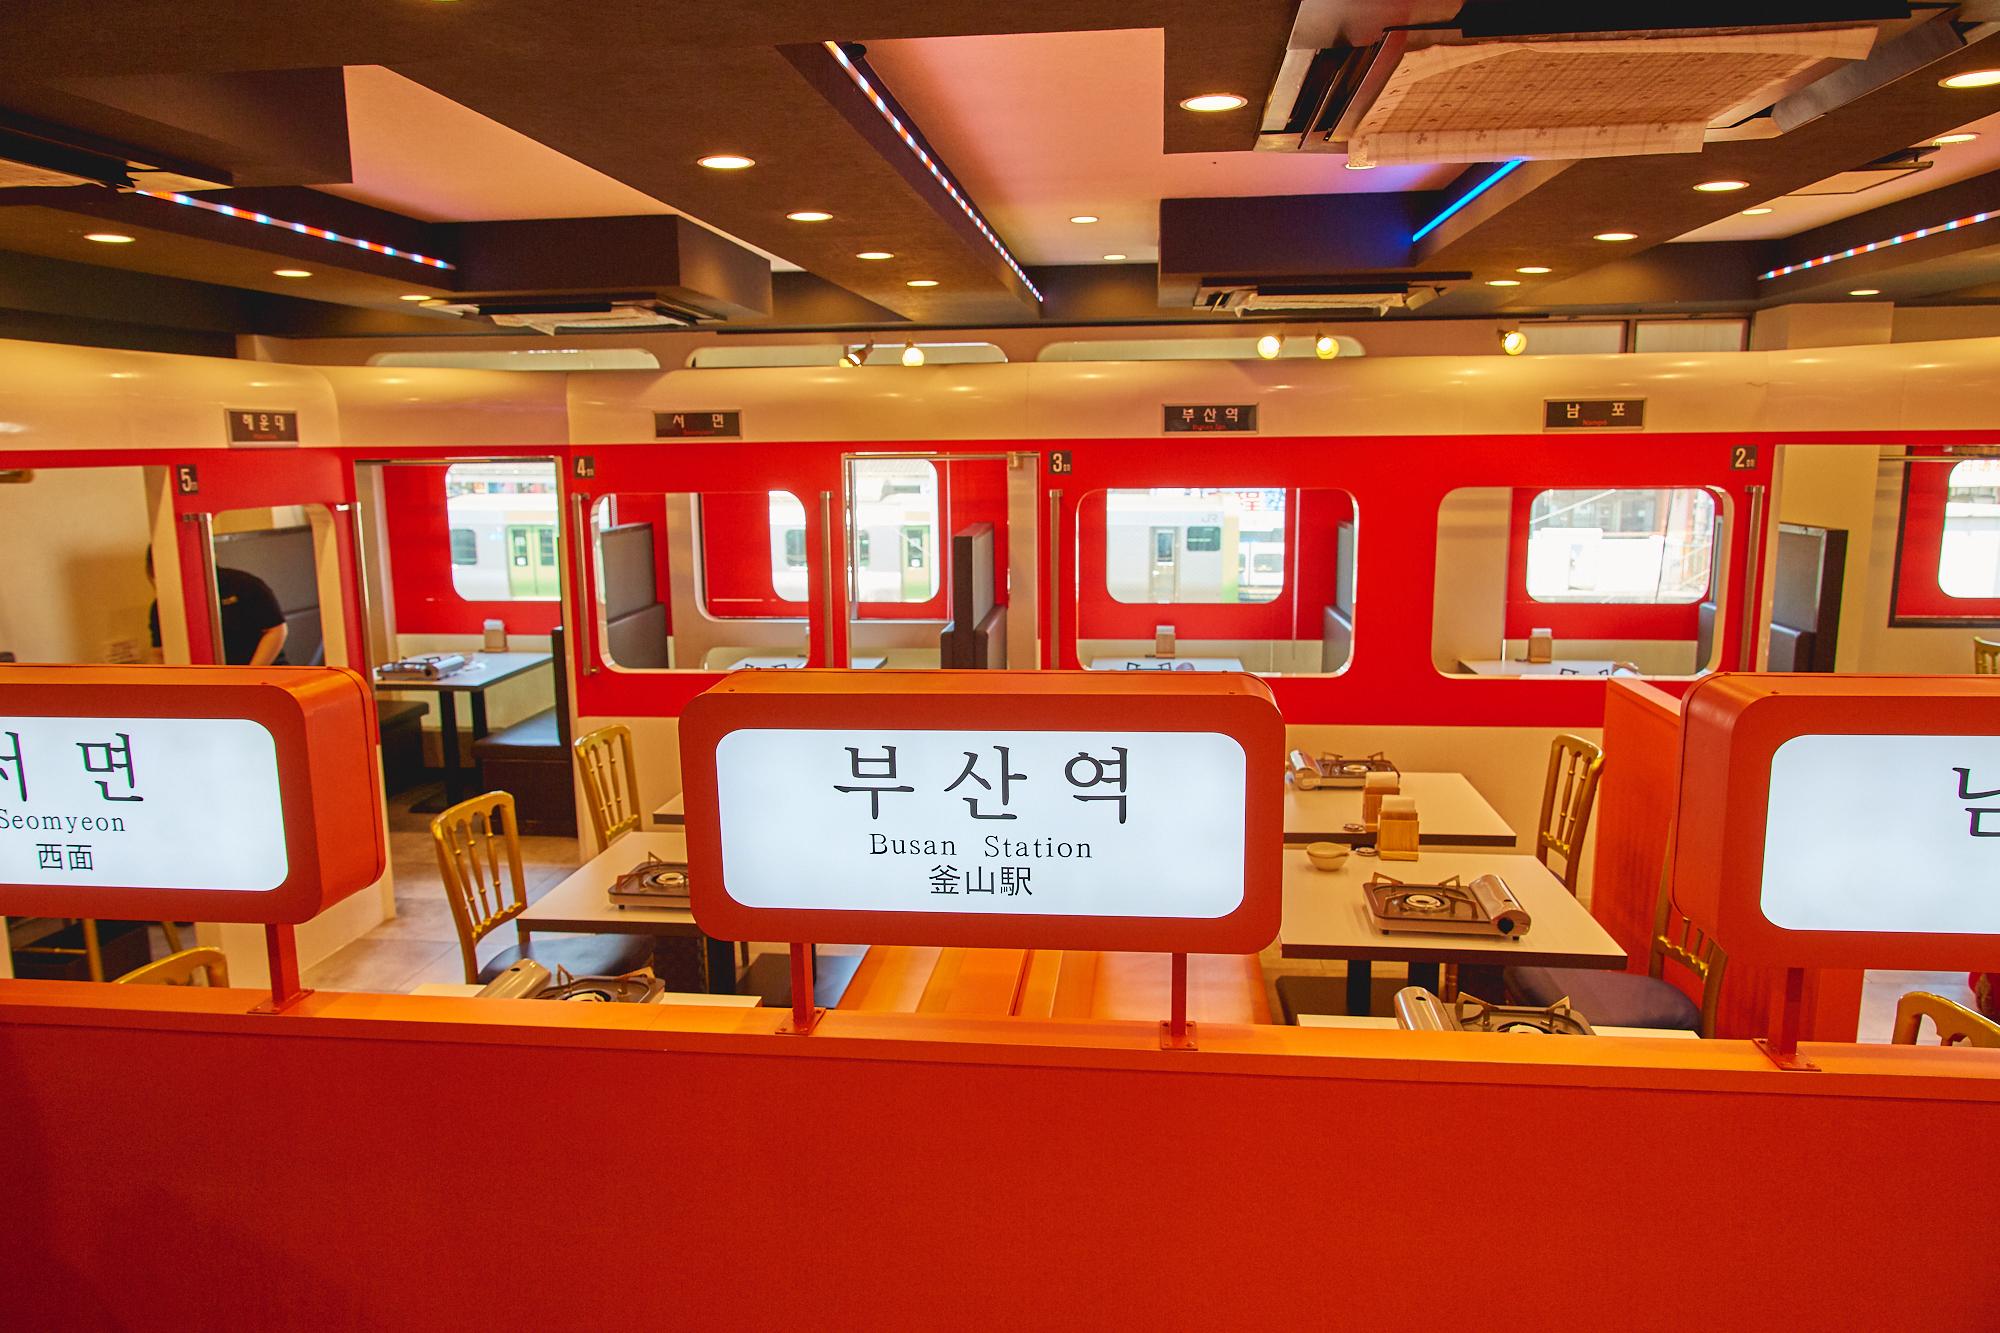 釜山料理と豪華バイキングの店、まもなく釜山駅が新大久保にオープン